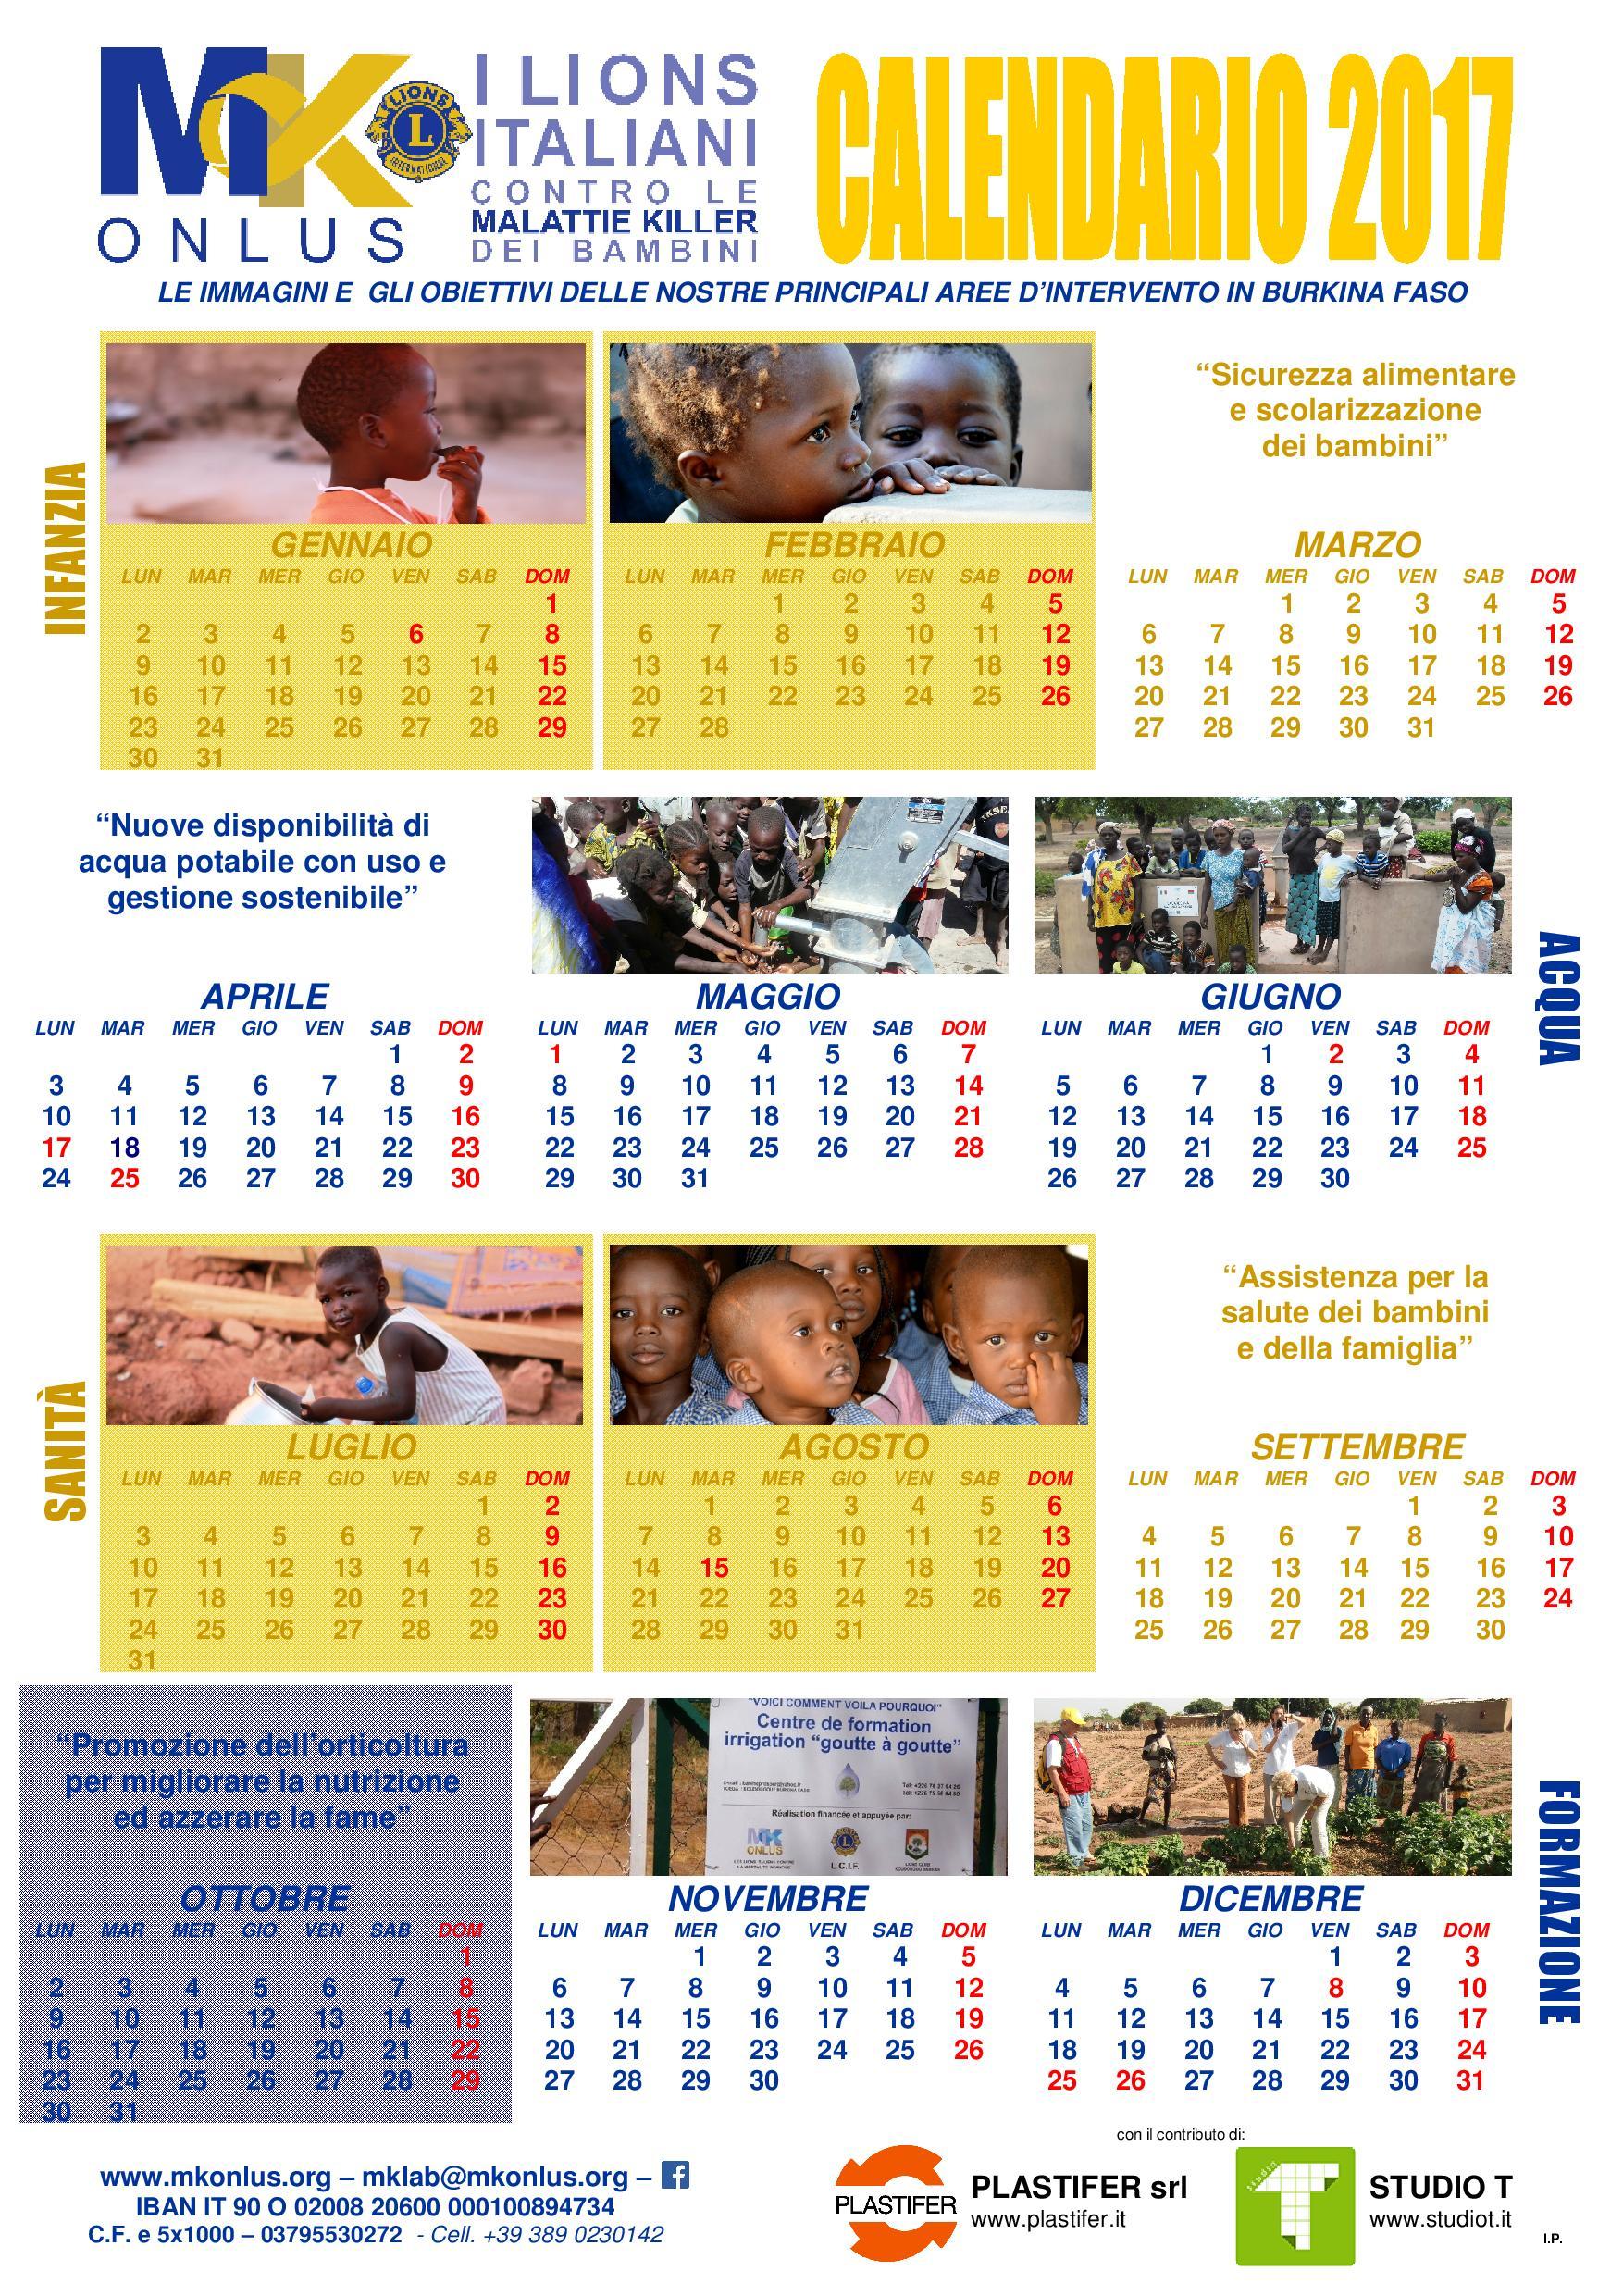 Calendario Vita E Salute.Un Calendario Nella Rivista Lion Mk Onlus